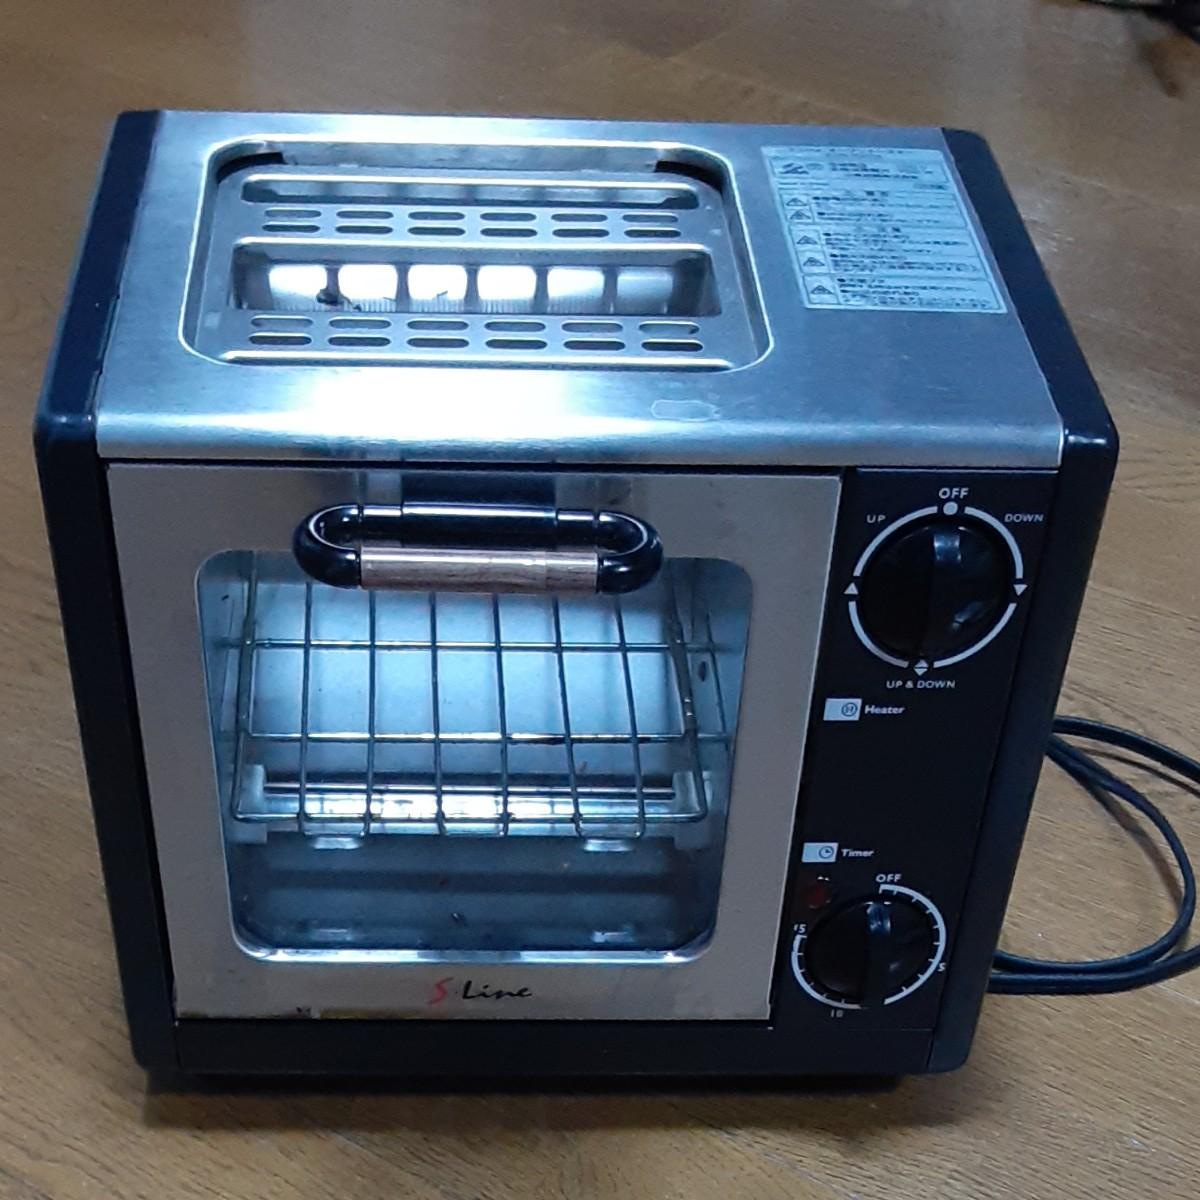 オーブントースター 動作確認済み。